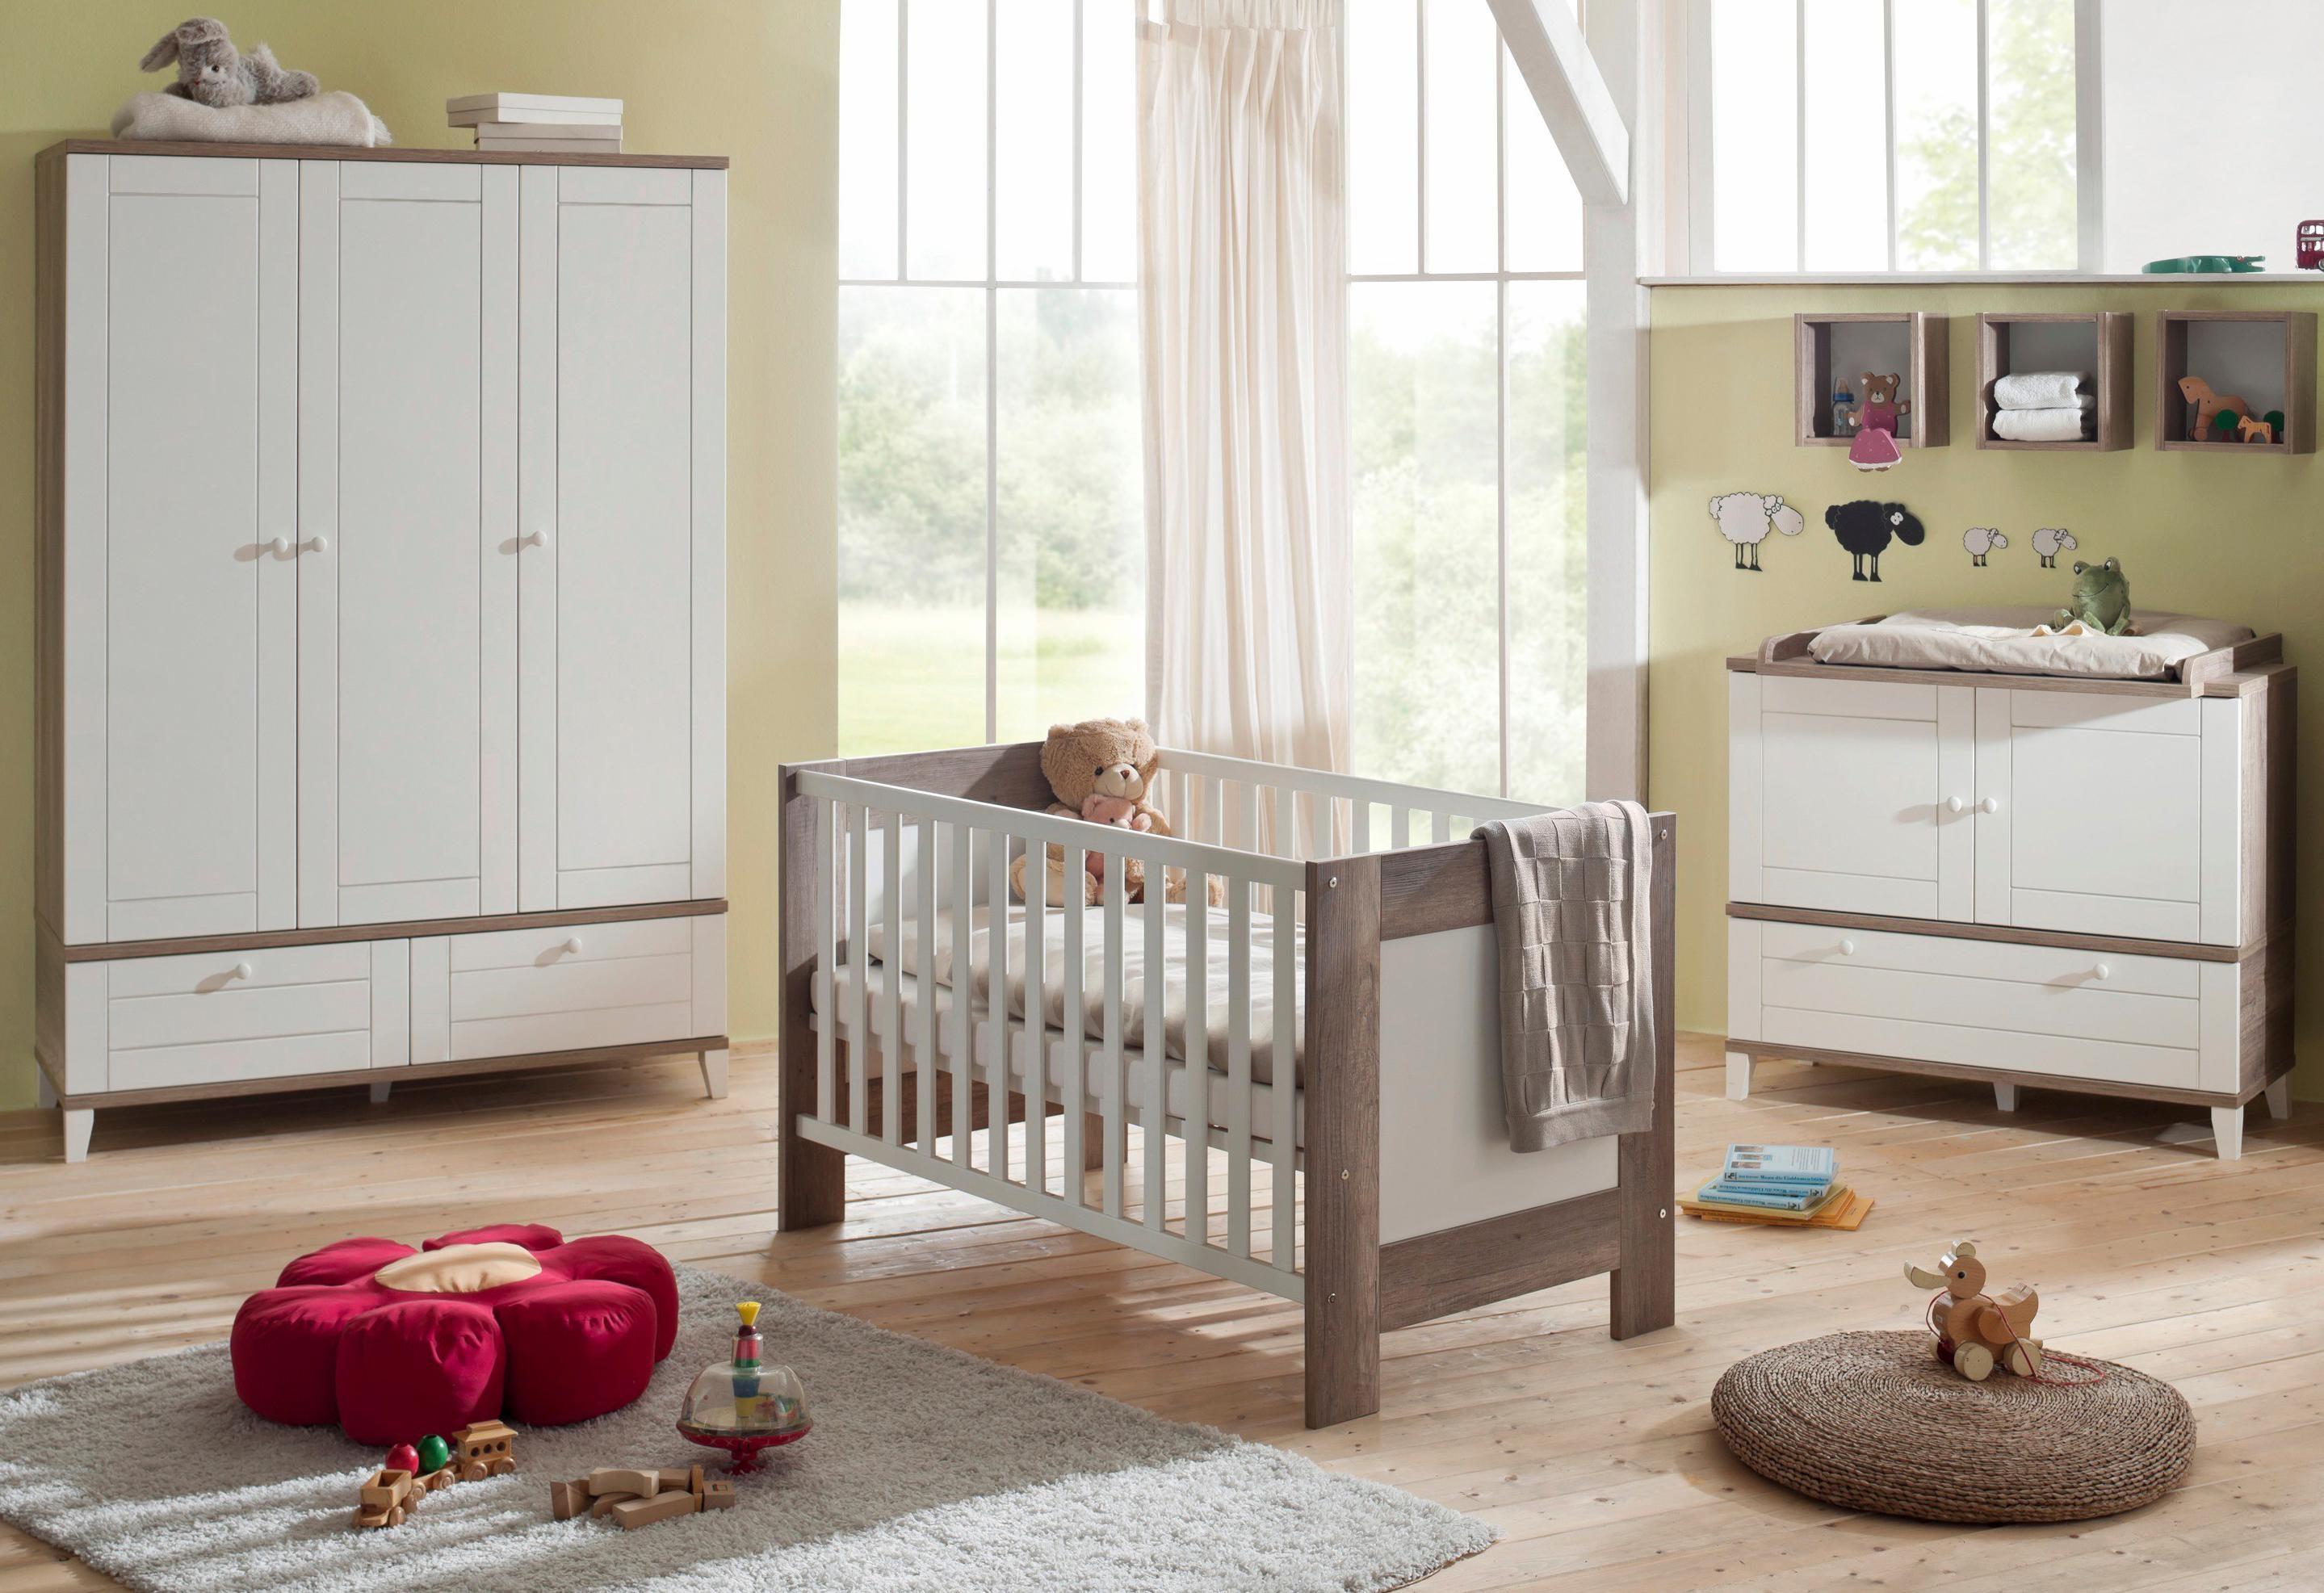 Komplett Babyzimmer »Bella« im Landhausstil: Babybett + Wickelkommode + Kleiderschrank (3-tlg.), in wildeiche NB /weiß